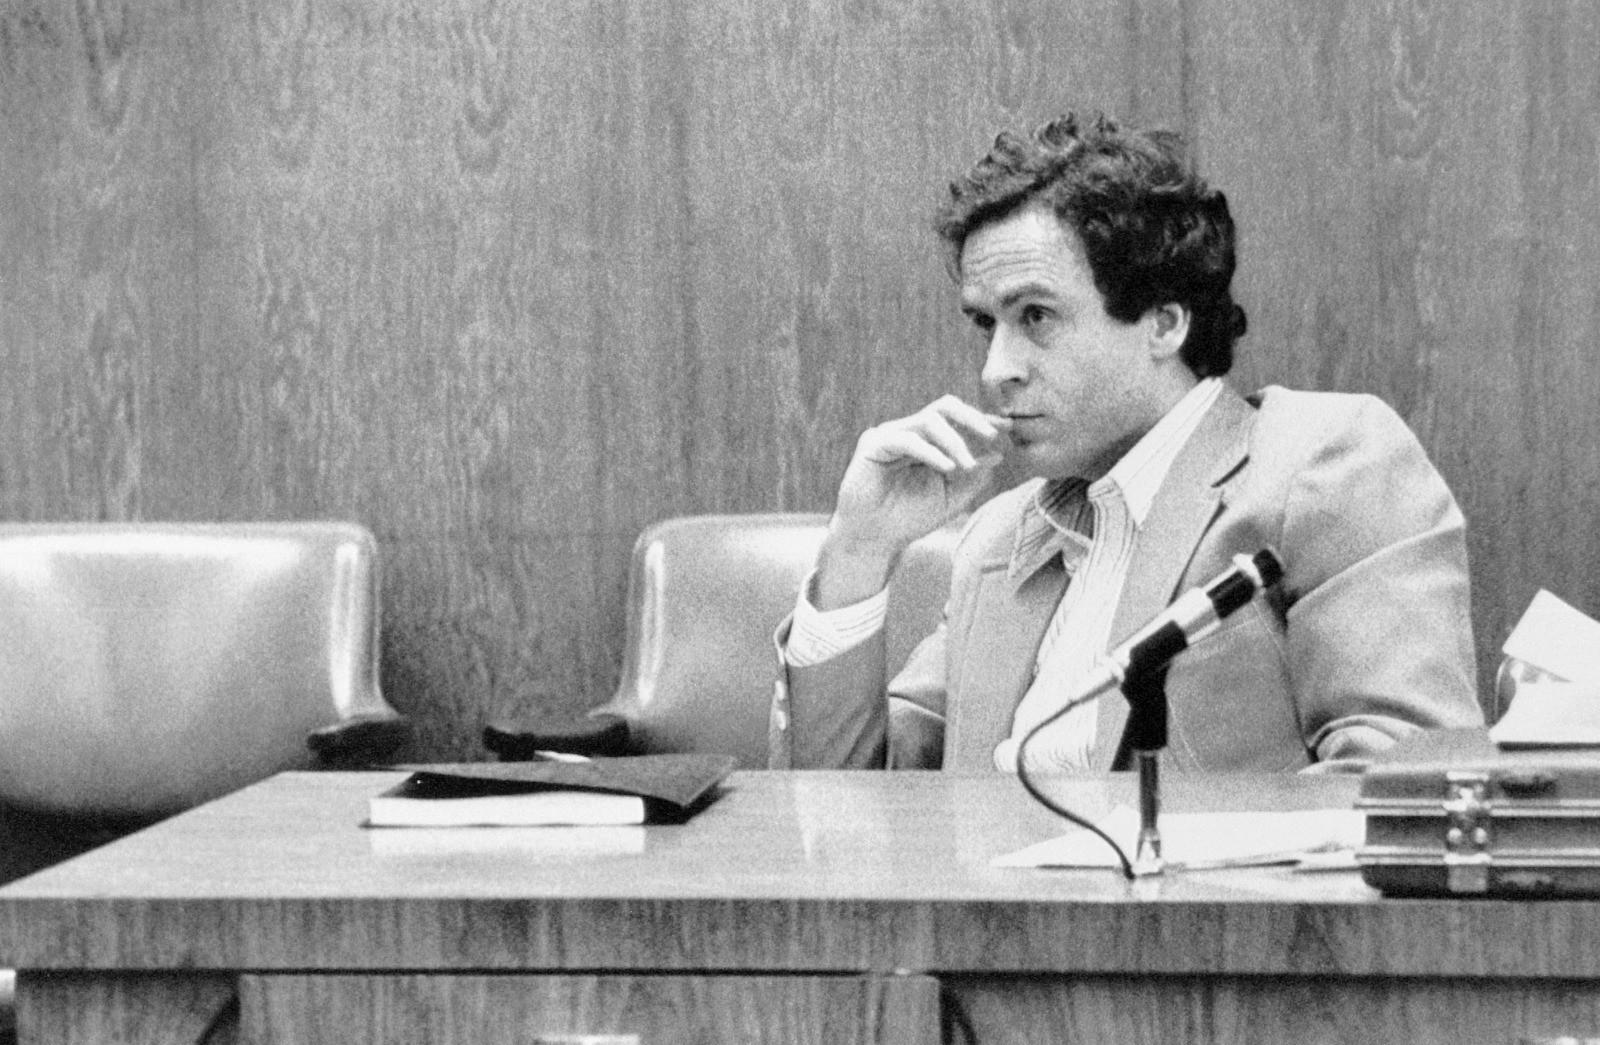 Ted Bundy: Đằng sau vẻ đẹp trai của sinh viên luật tài hoa là tên sát nhân khét tiếng, giết hơn 30 cô gái có ngoại hình giống bạn gái cũ - Ảnh 6.